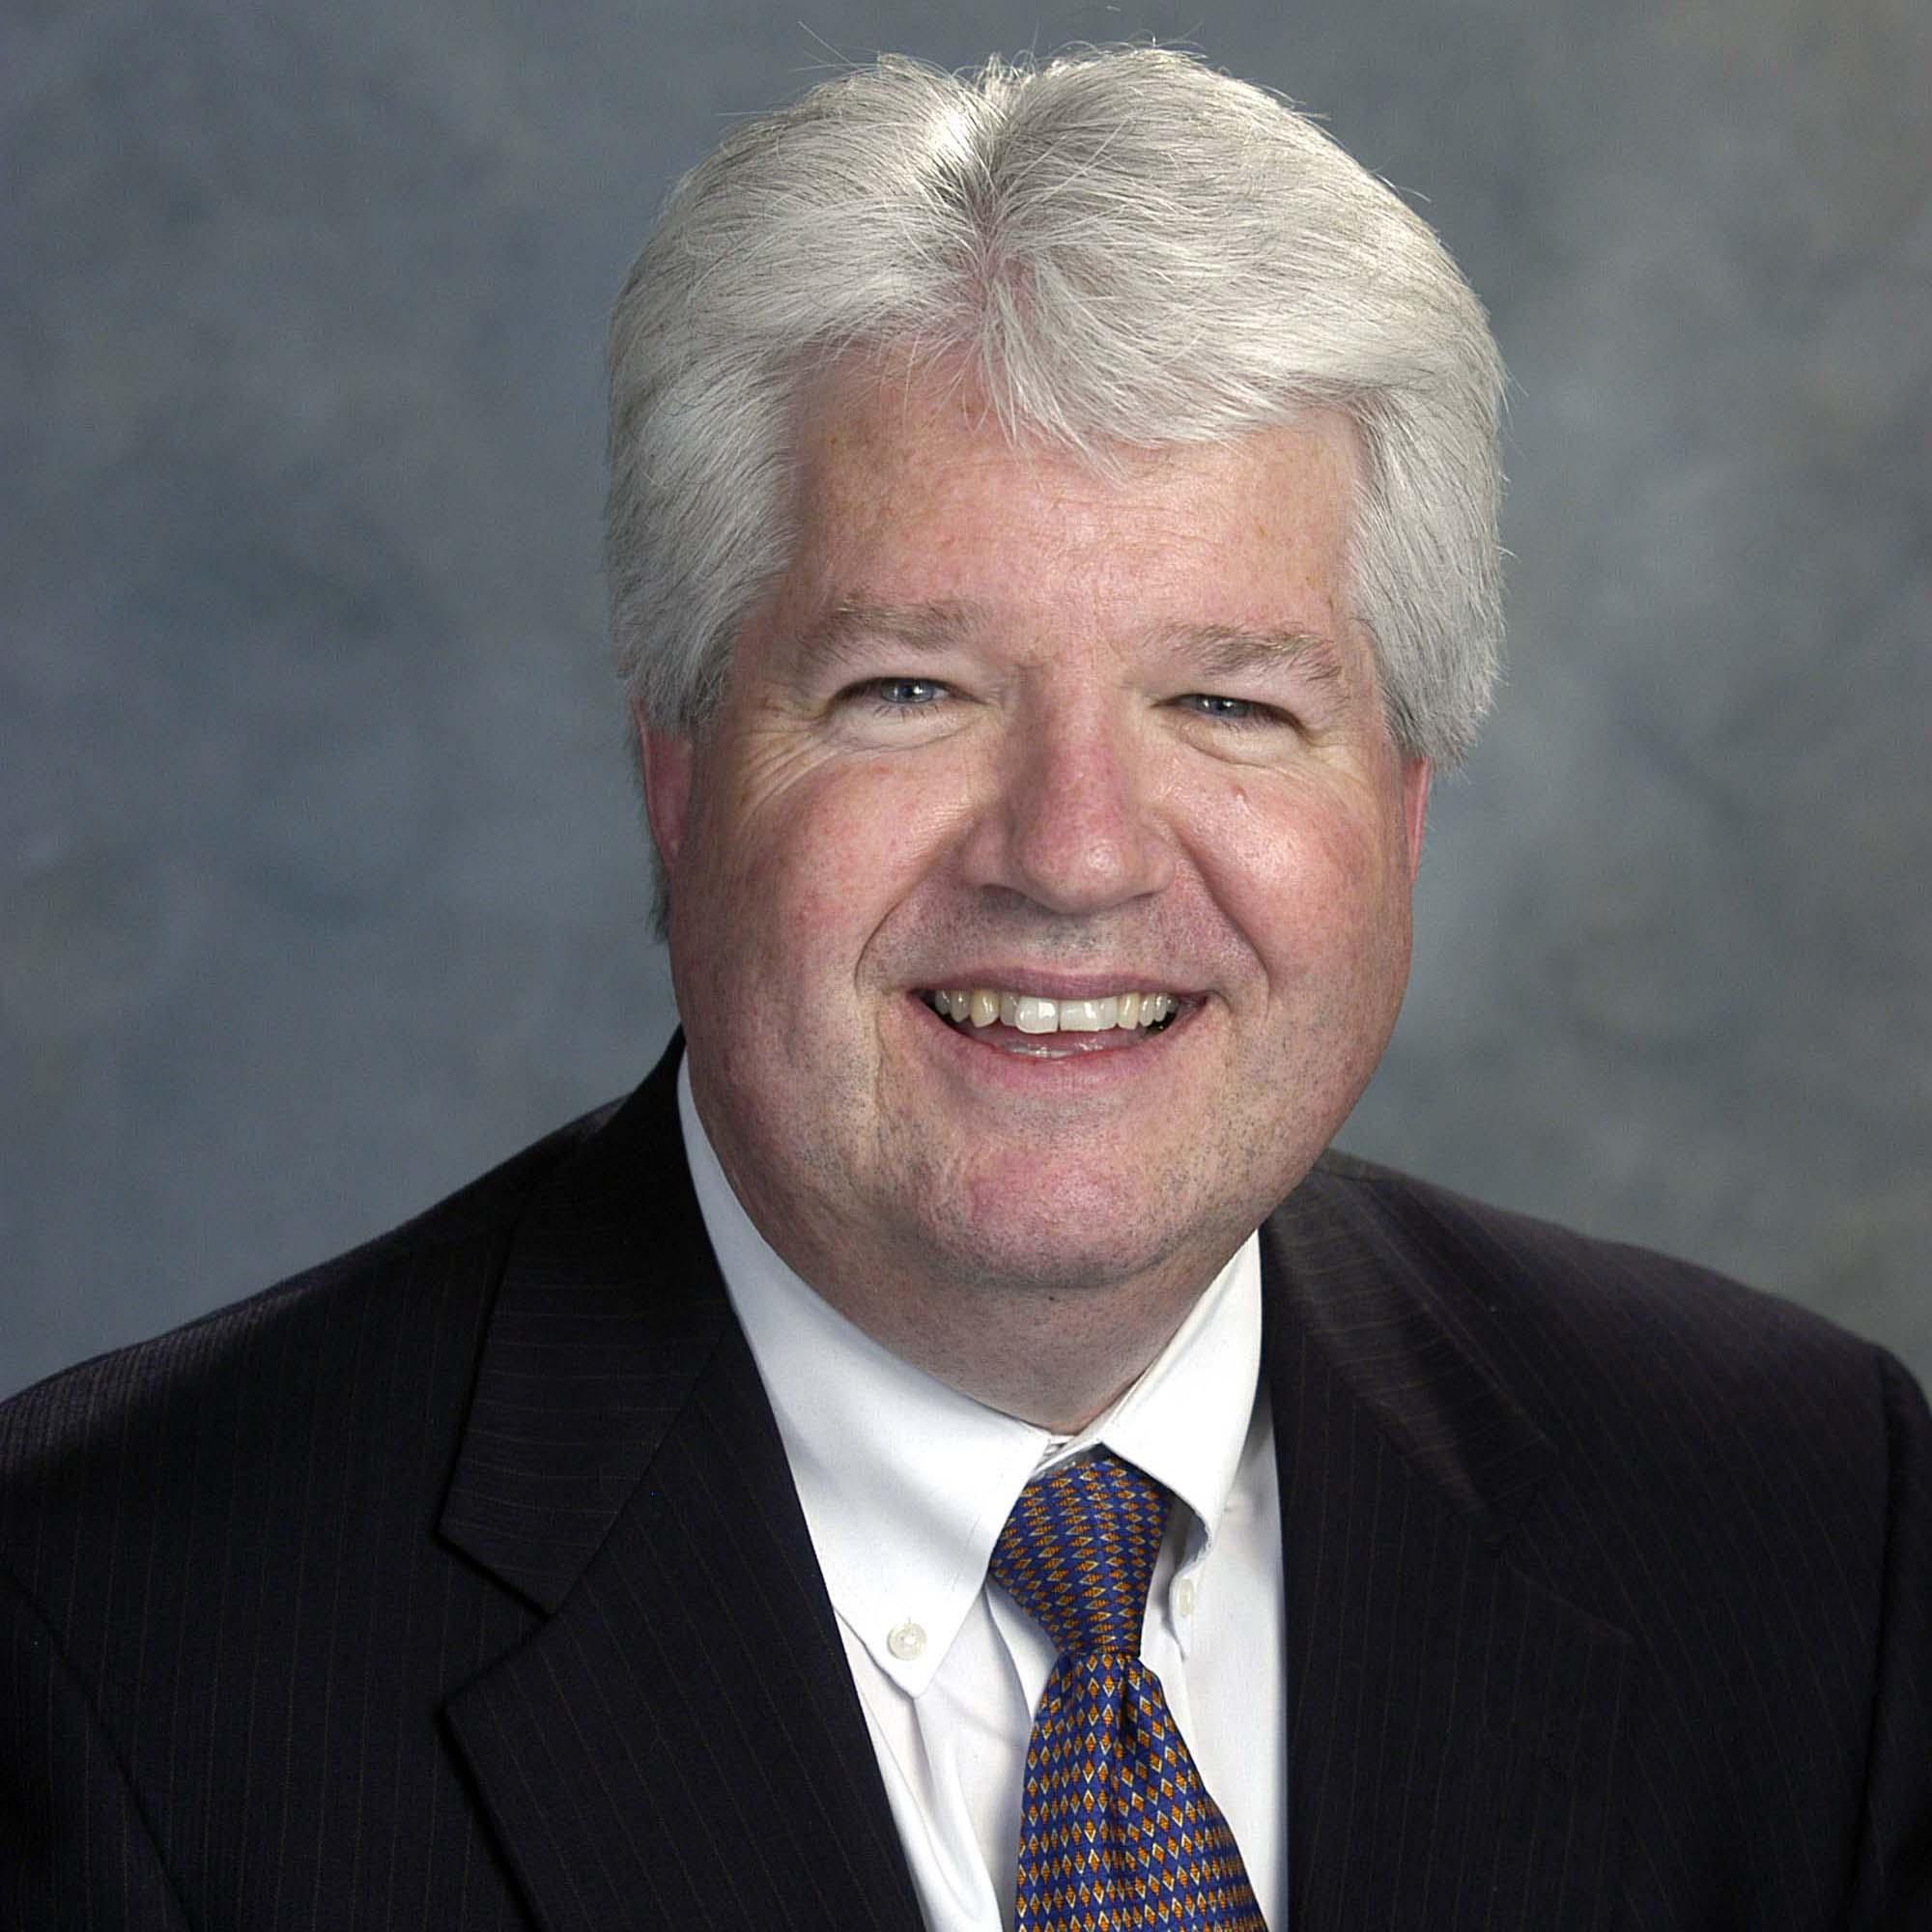 Douglas L. Strong